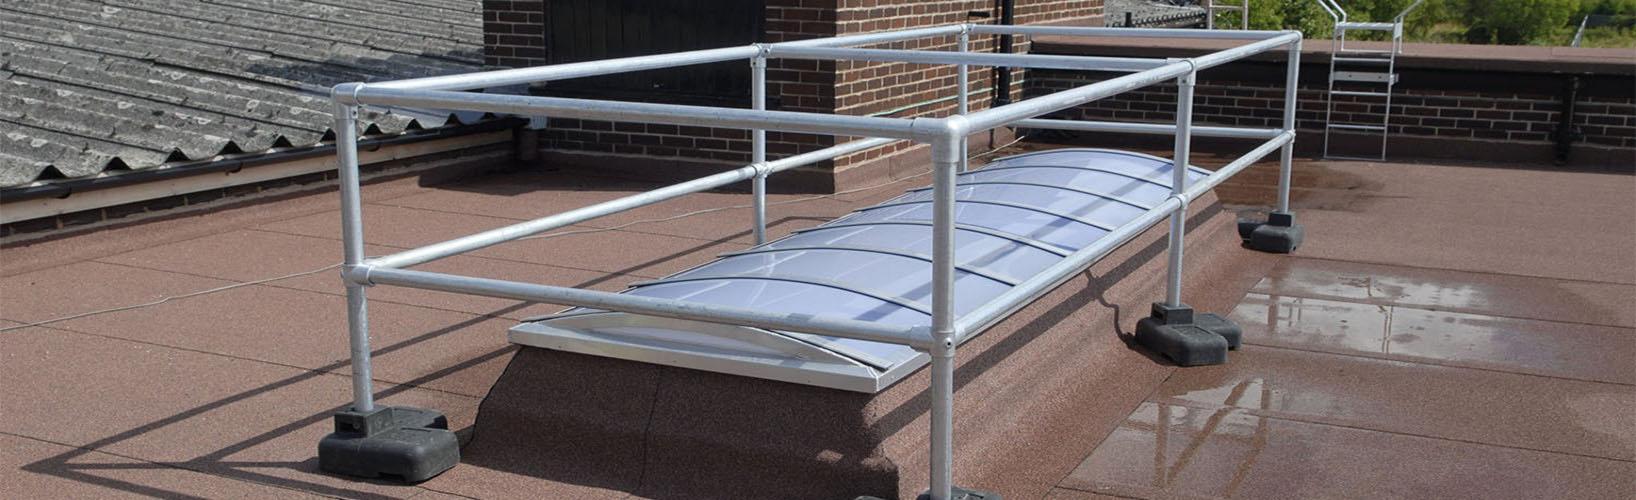 天窗防护护栏